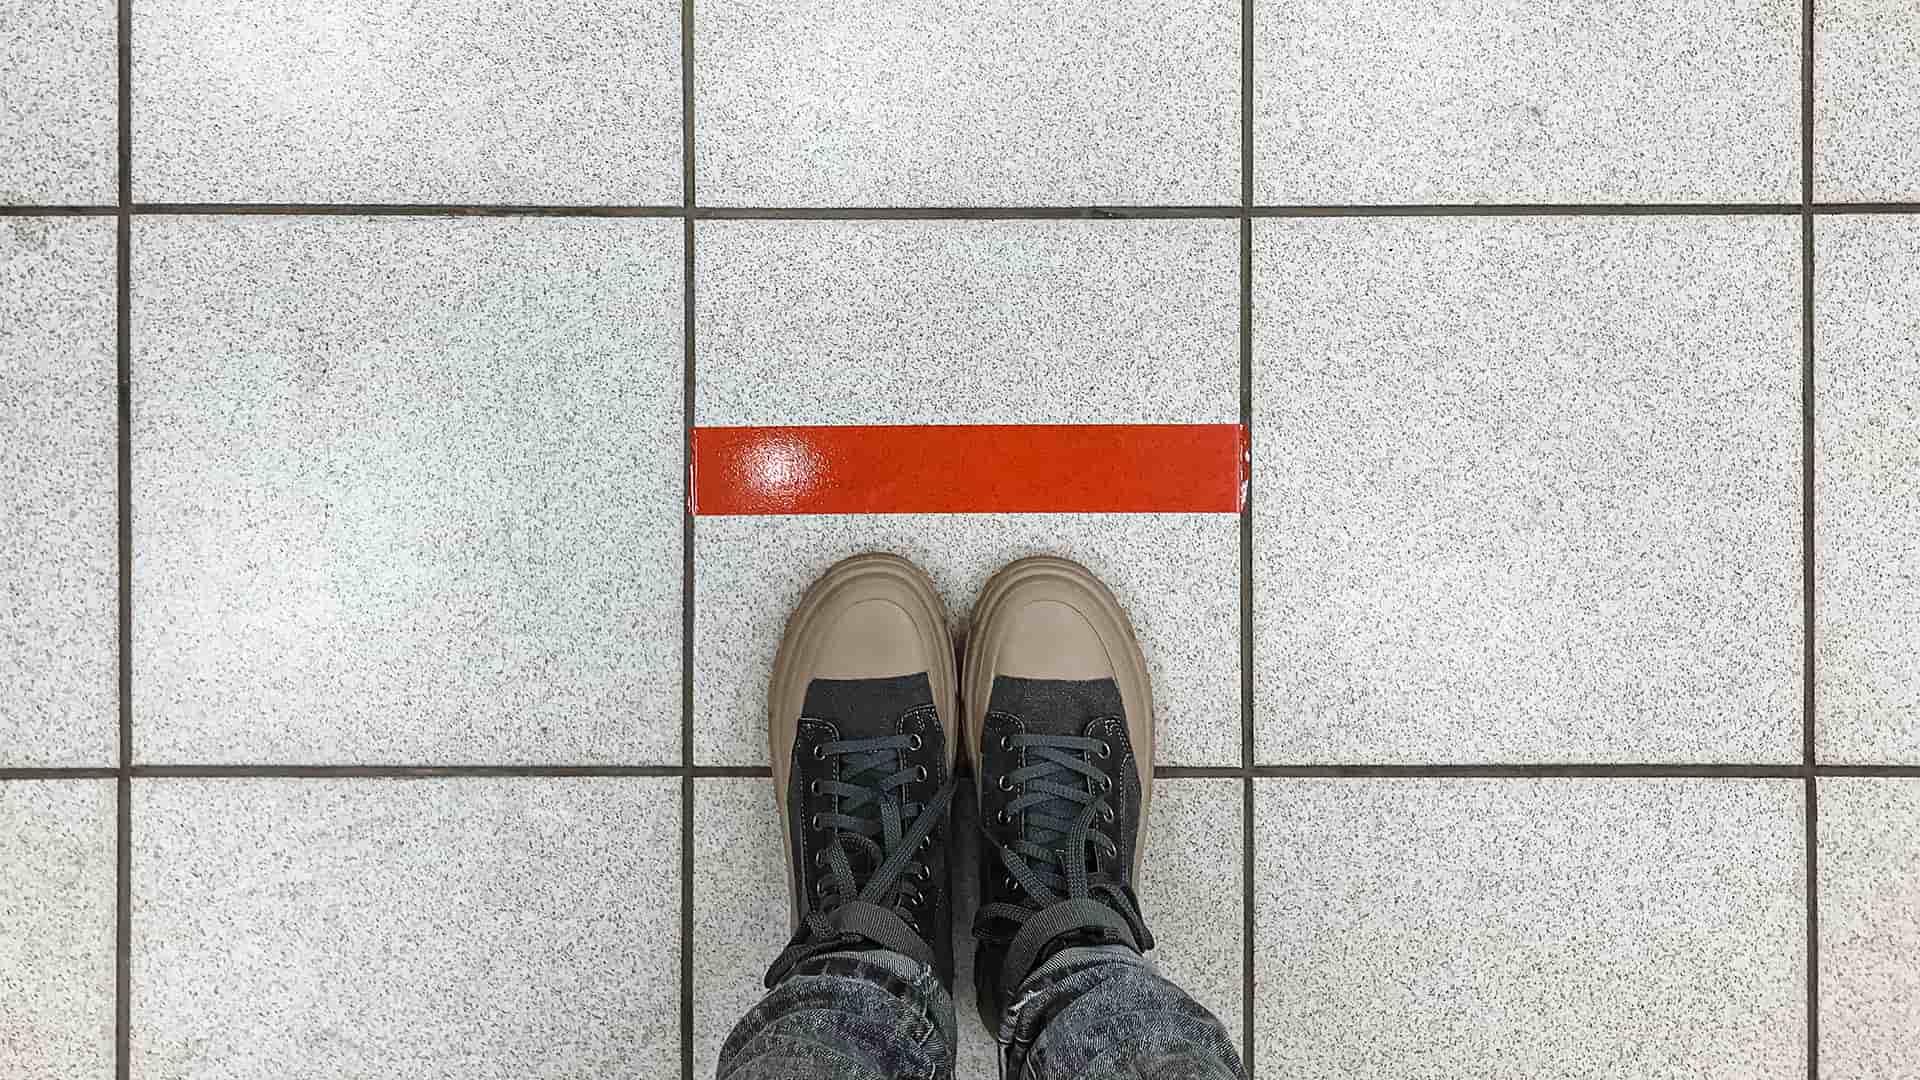 Límite de consumo Vodafone en tarifas ilimitadas